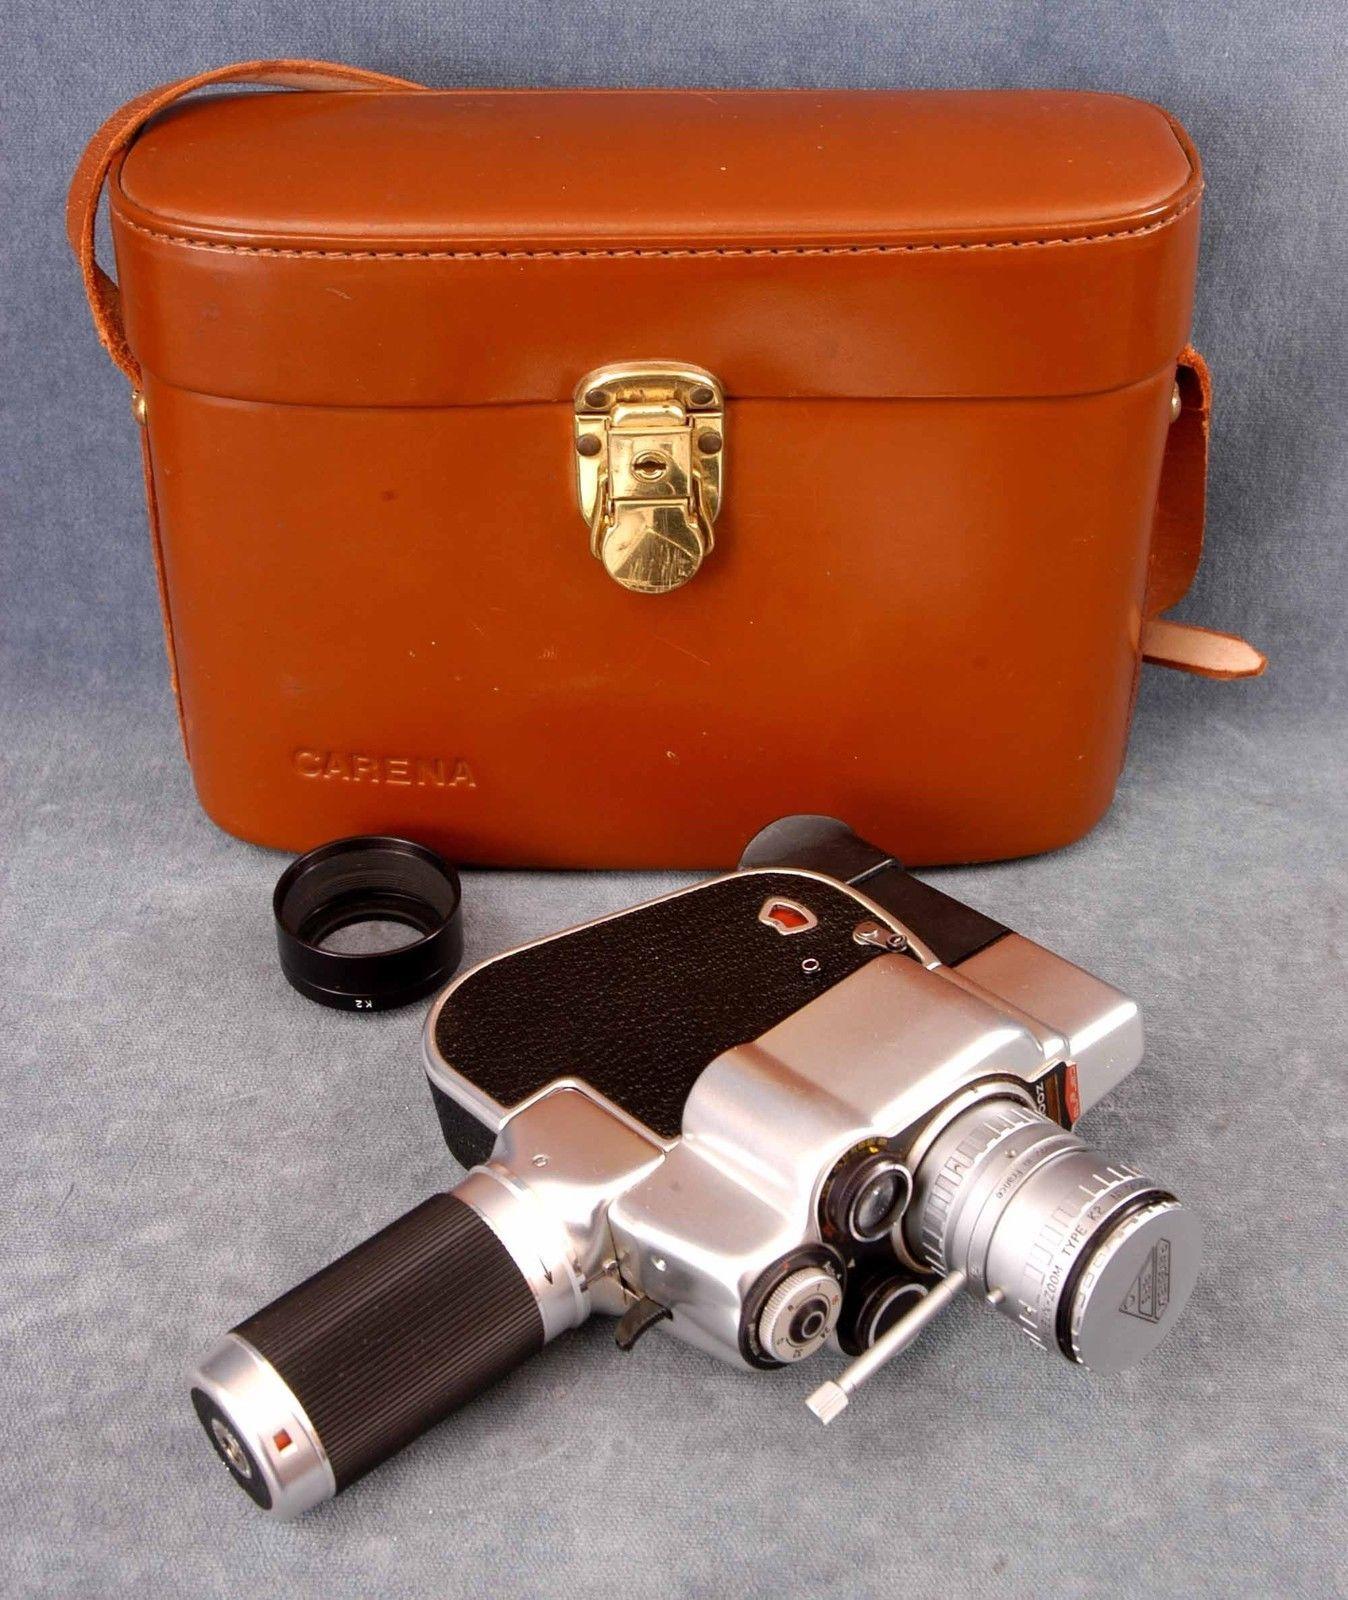 Carena Zoomex Vintage Cameras Vintage Camera Camera Bag